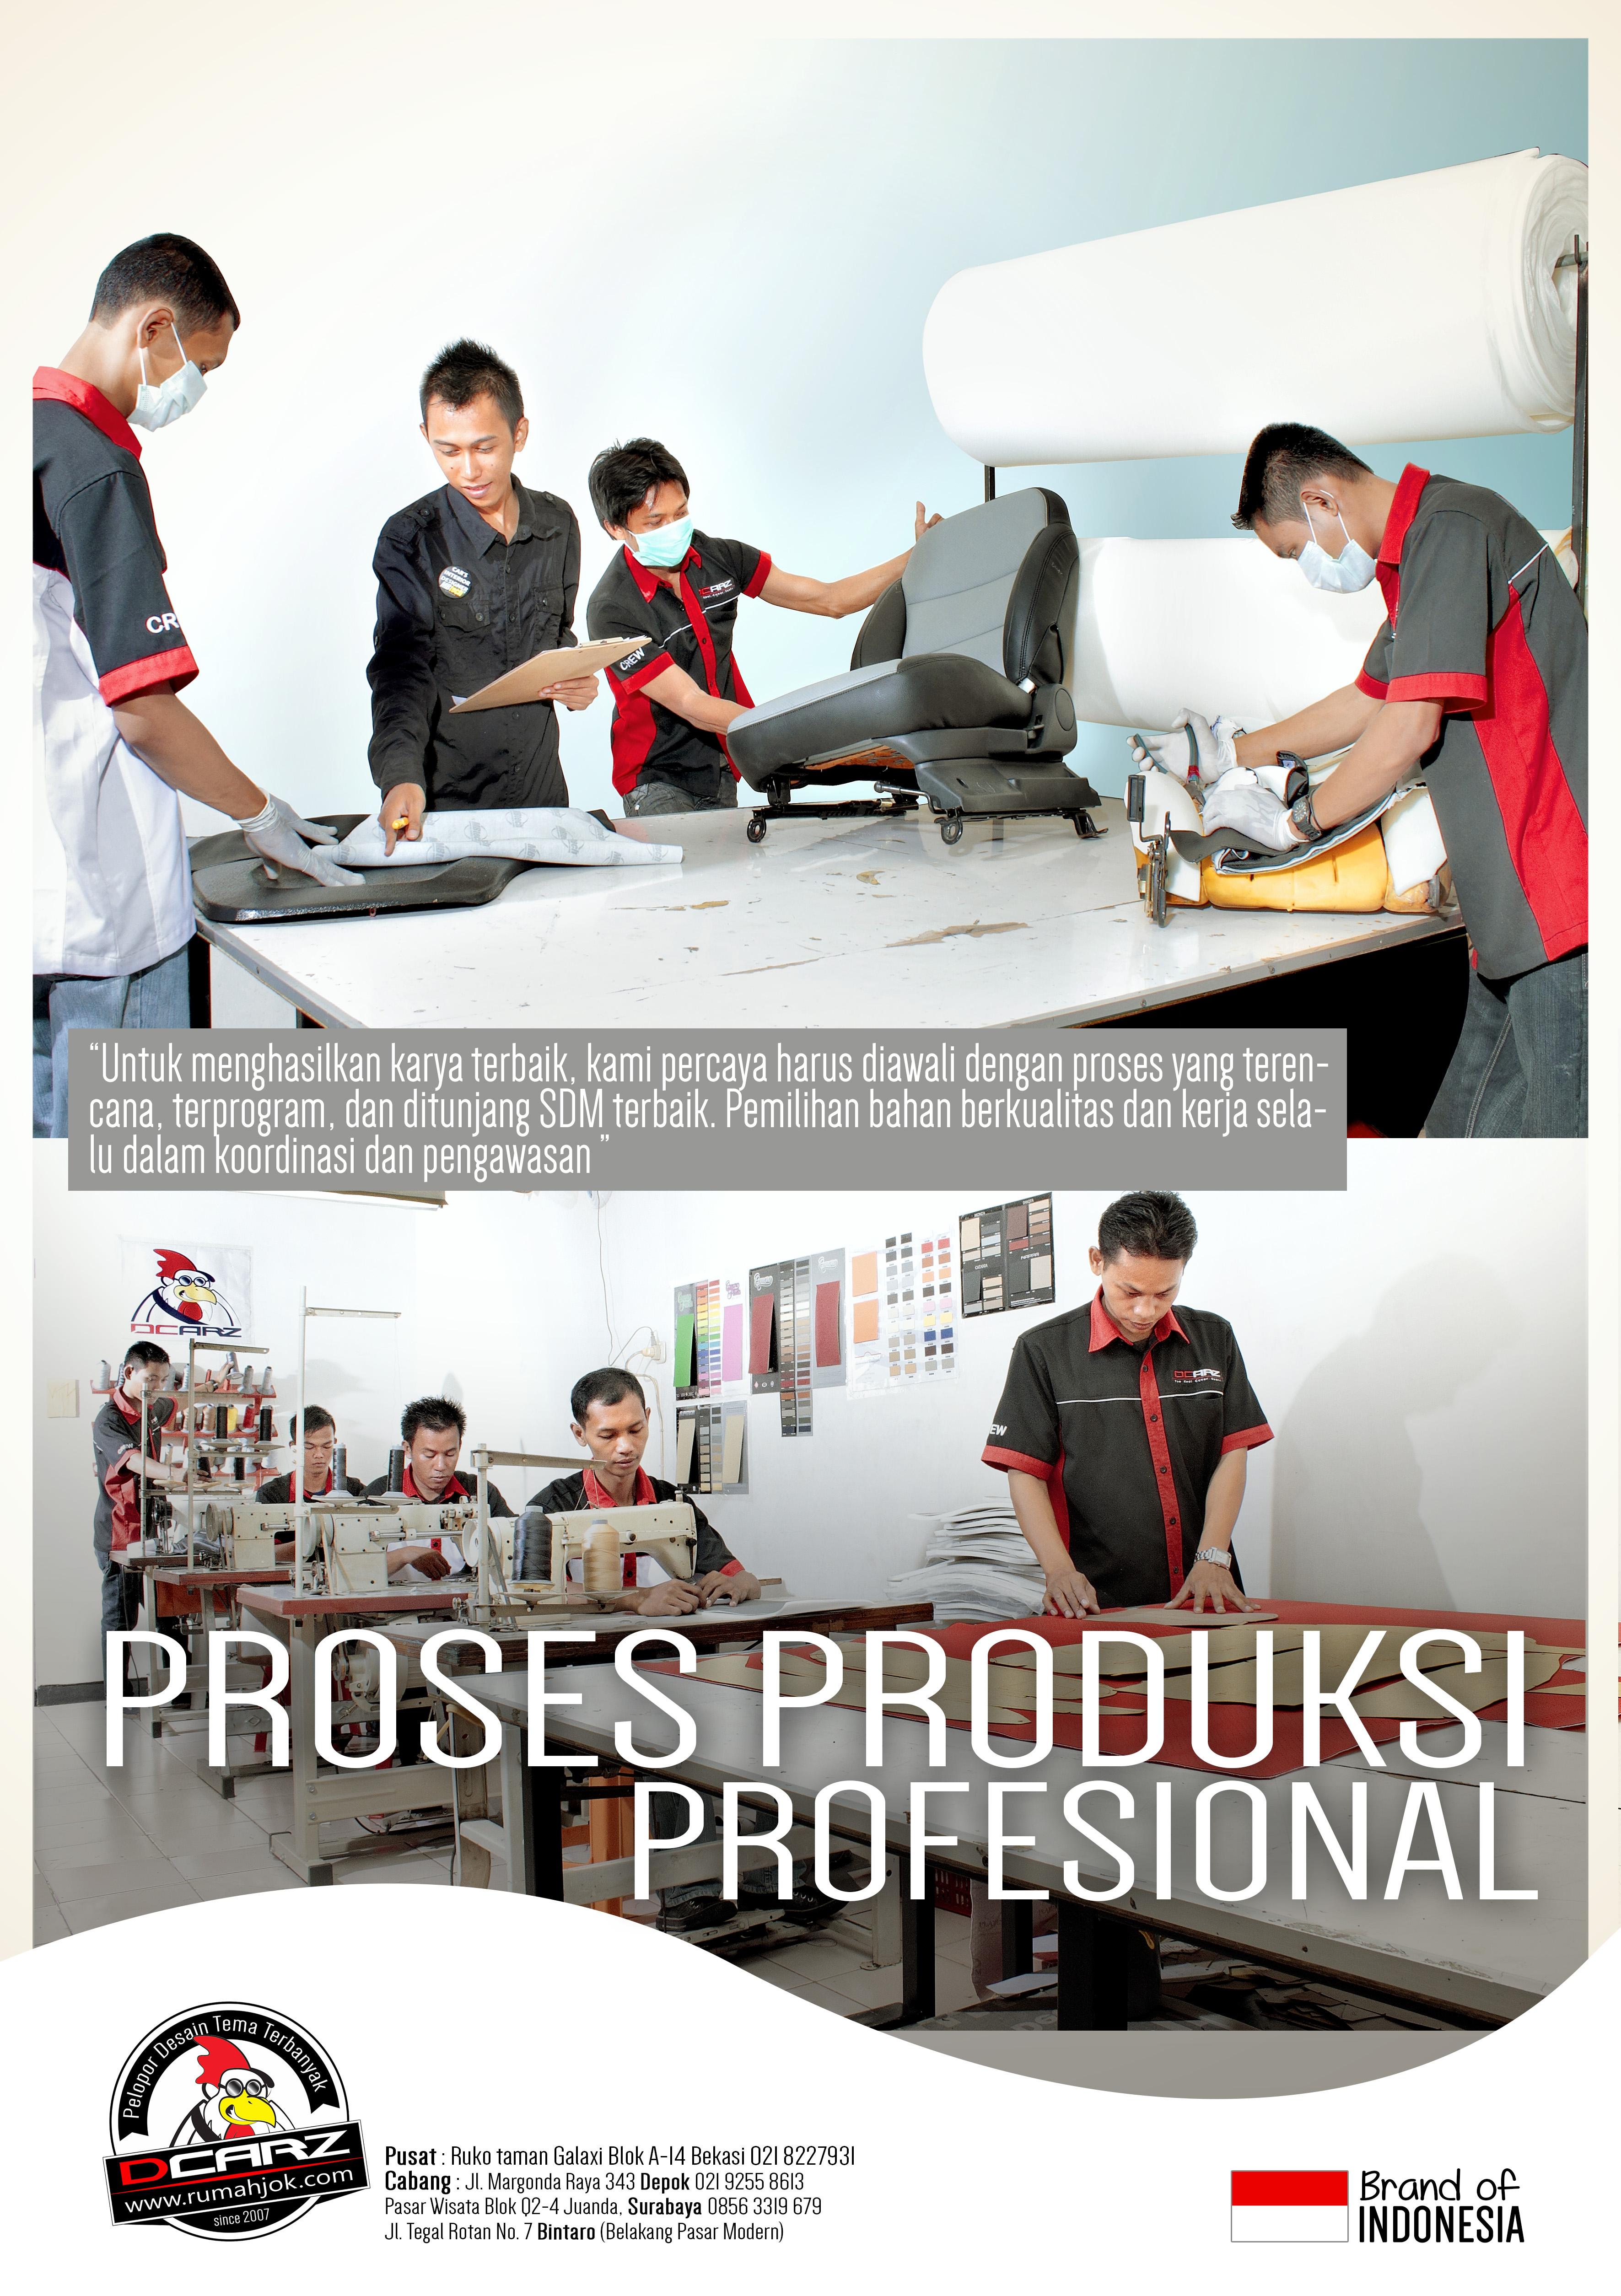 poster6 produks1i